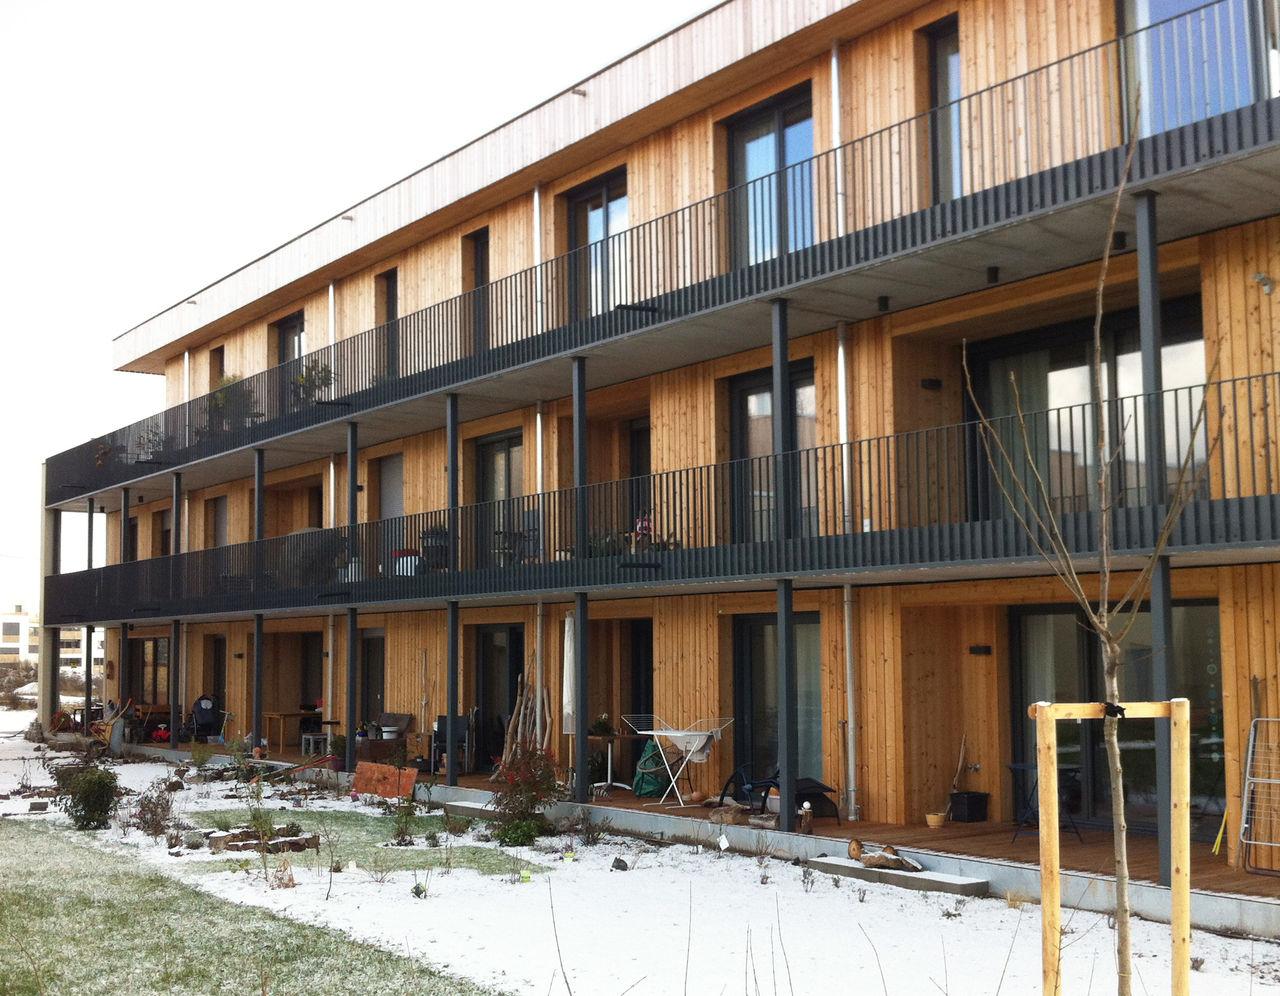 Architektur in deutschland deutschland brandenburg dahlewitz wohnhaus des architekten bruno - Architekten deutschland ...